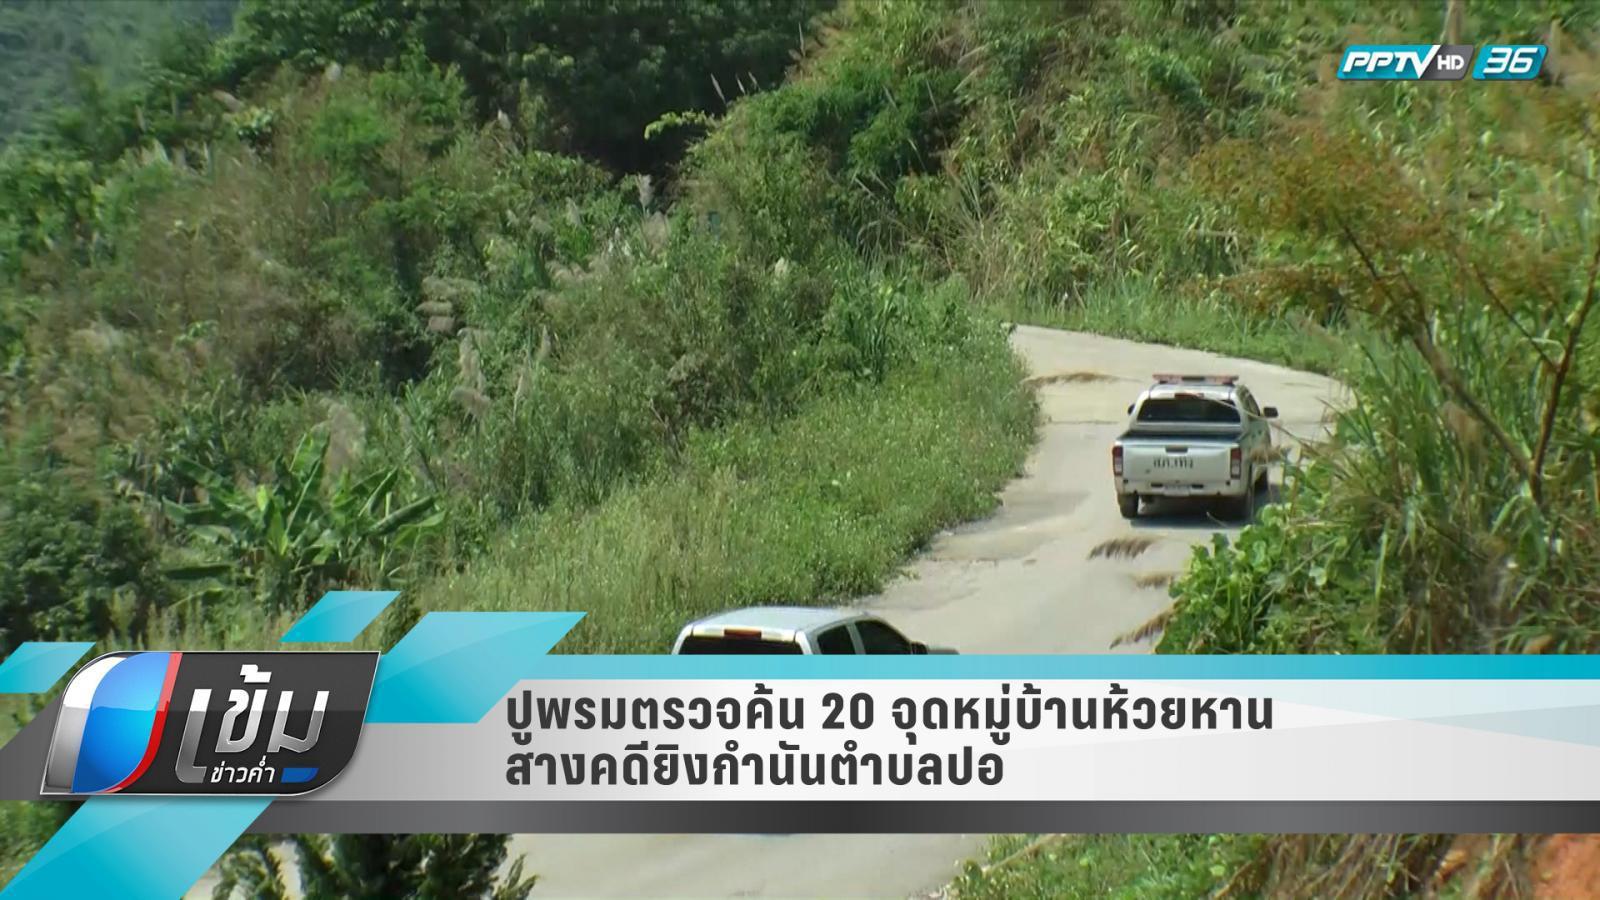 ปูพรมตรวจค้น 20 จุดหมู่บ้านห้วยหาน สางคดียิงกำนันตำบลปอ